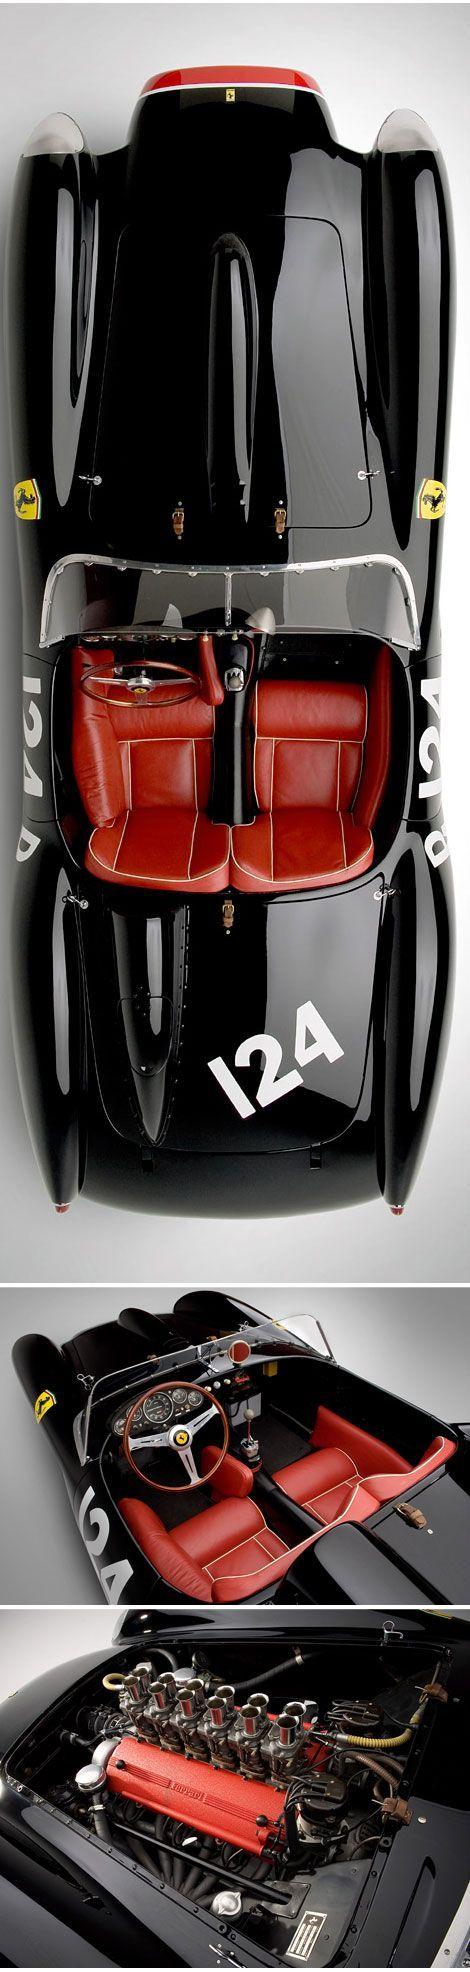 1957 Ferrari 250 TR  #RePin by AT Social Media Marketing - Pinterest Marketing Specialists ATSocialMedia.co.uk